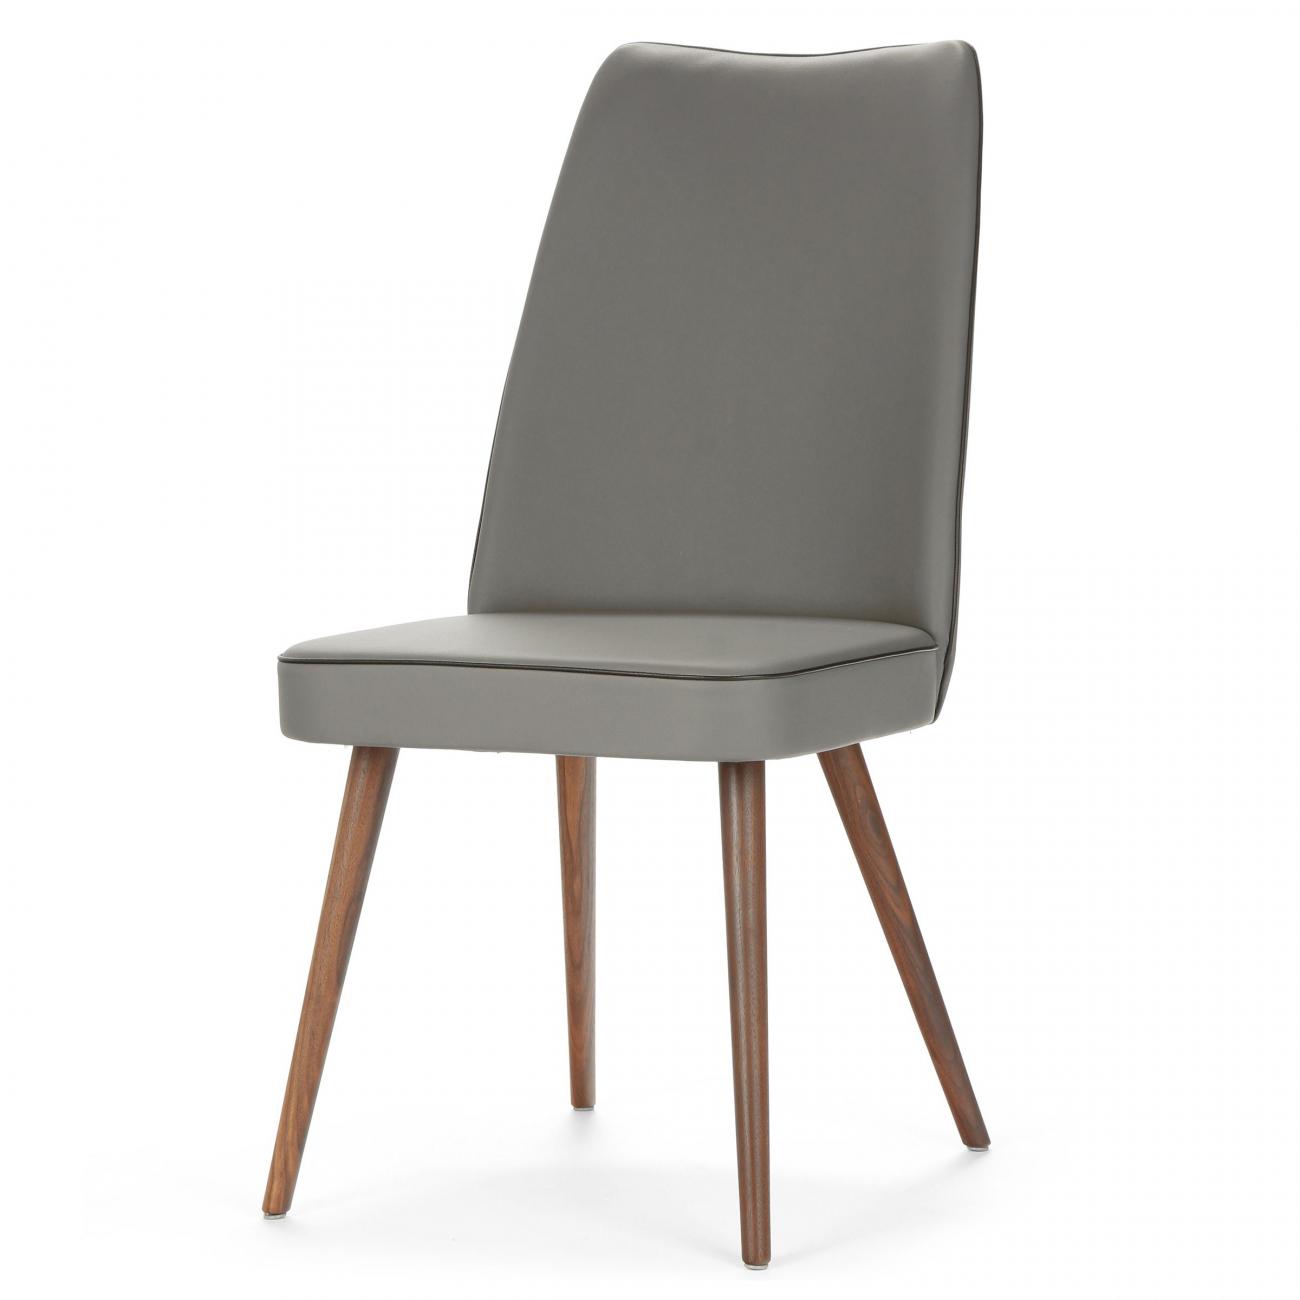 Купить Стул Lounge High Серый в интернет магазине дизайнерской мебели и аксессуаров для дома и дачи